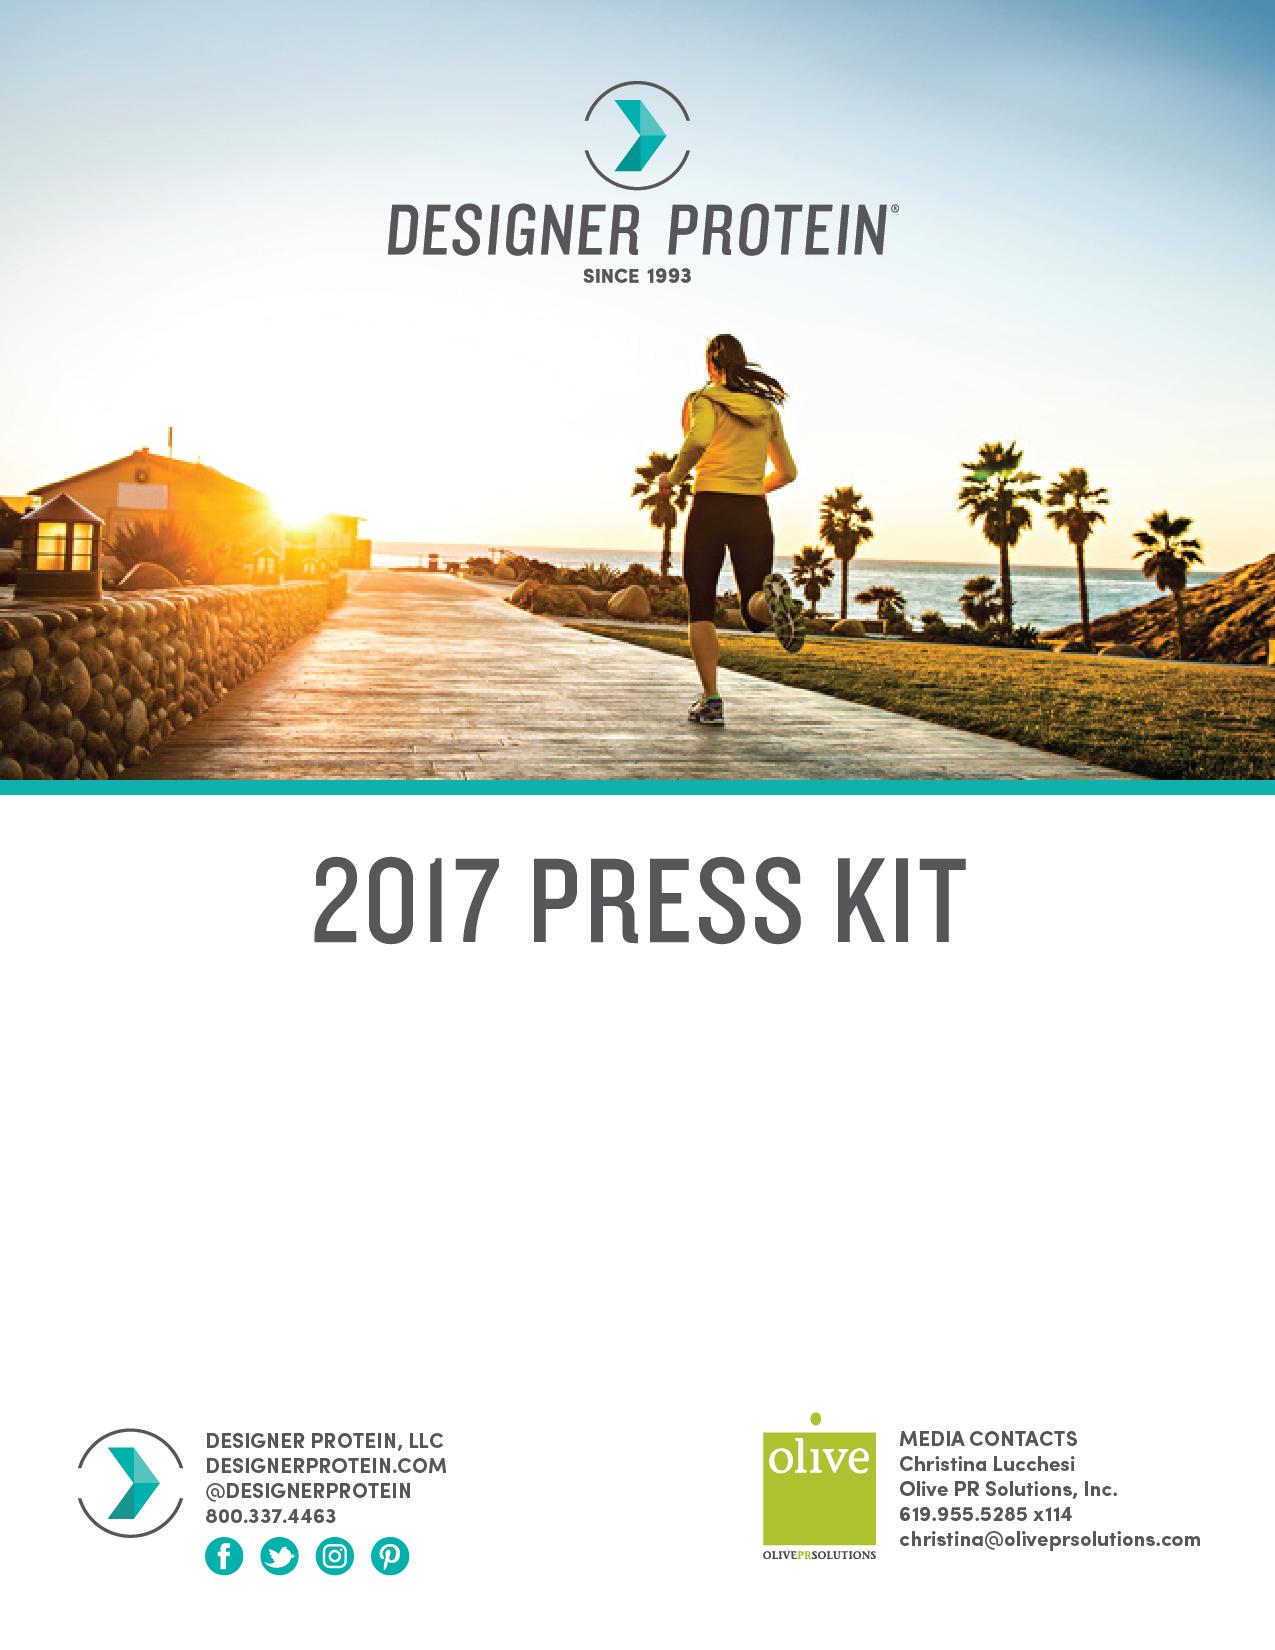 PRESSKIT_2017_v2-01.png